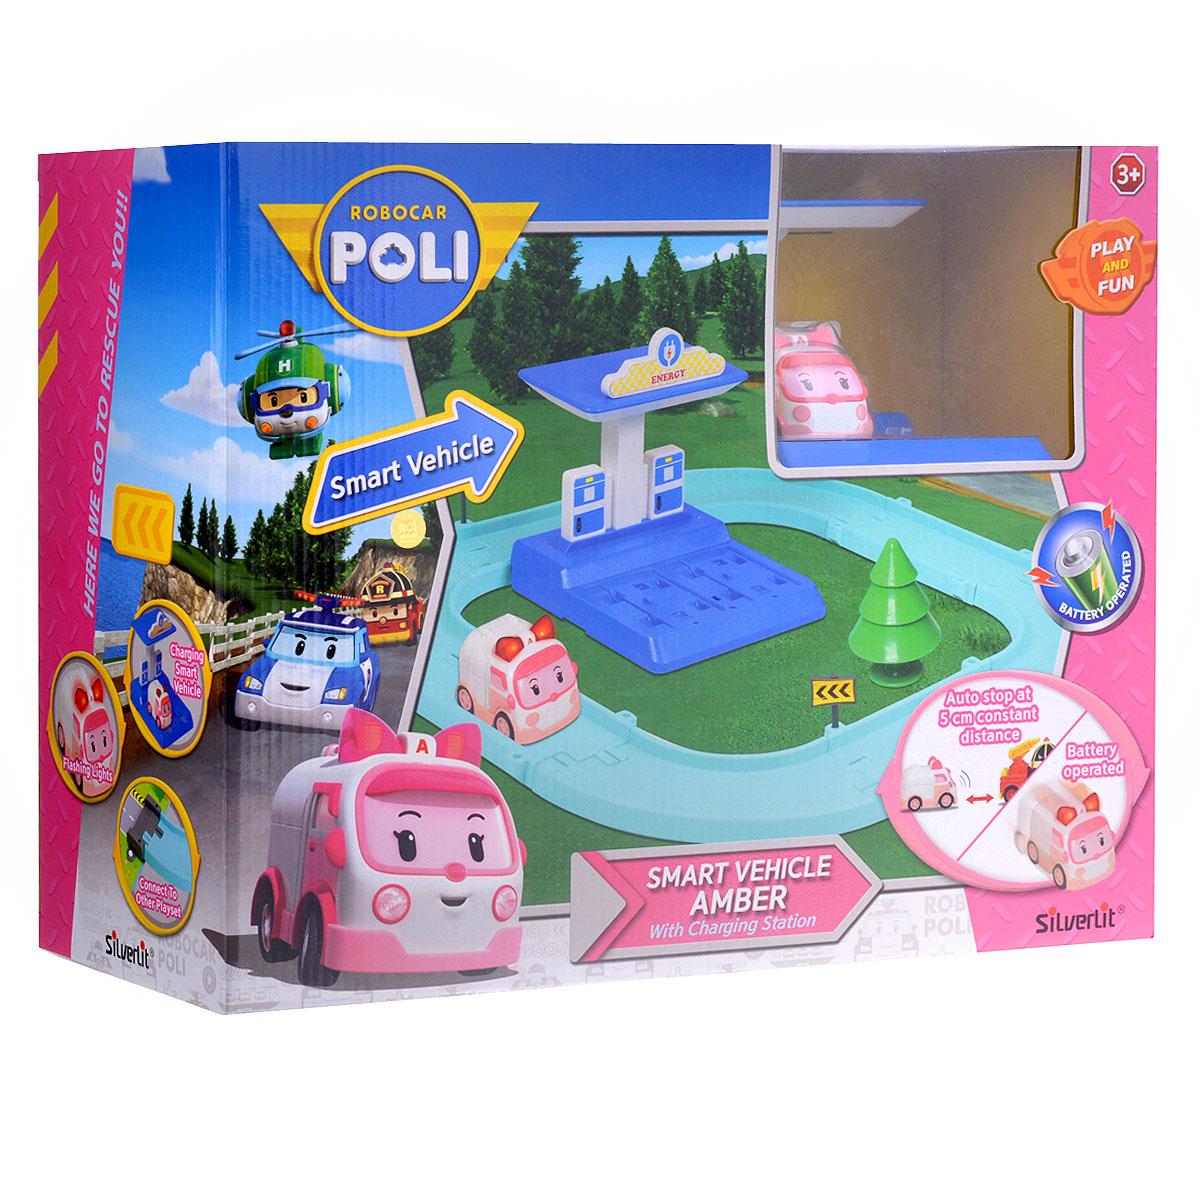 Robocar Poli Игрушечный трек Умная машинка Эмбер игровой набор silverlit robocar poli маленький трек с умной машинкой поли 83270